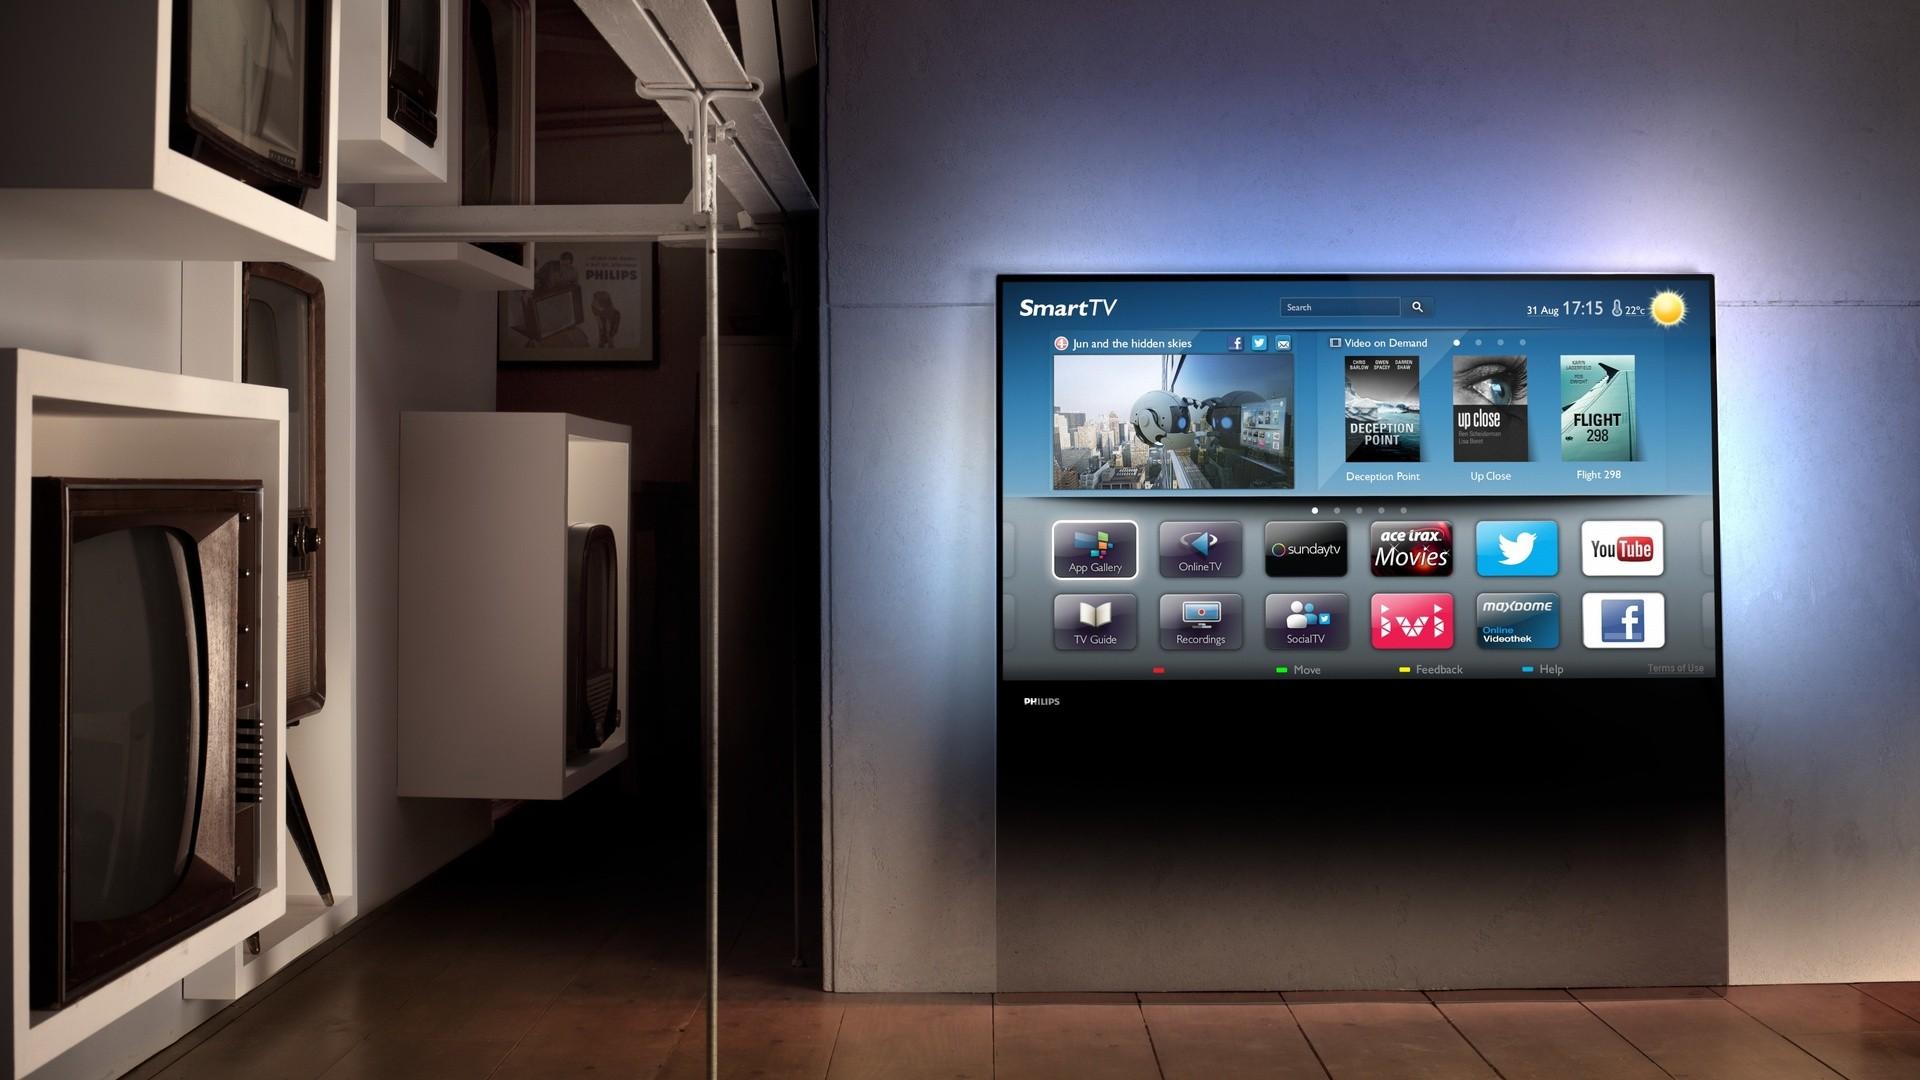 Телевизор с HDMI входом: почему все топы бесполезны для выбора нового ТВ?